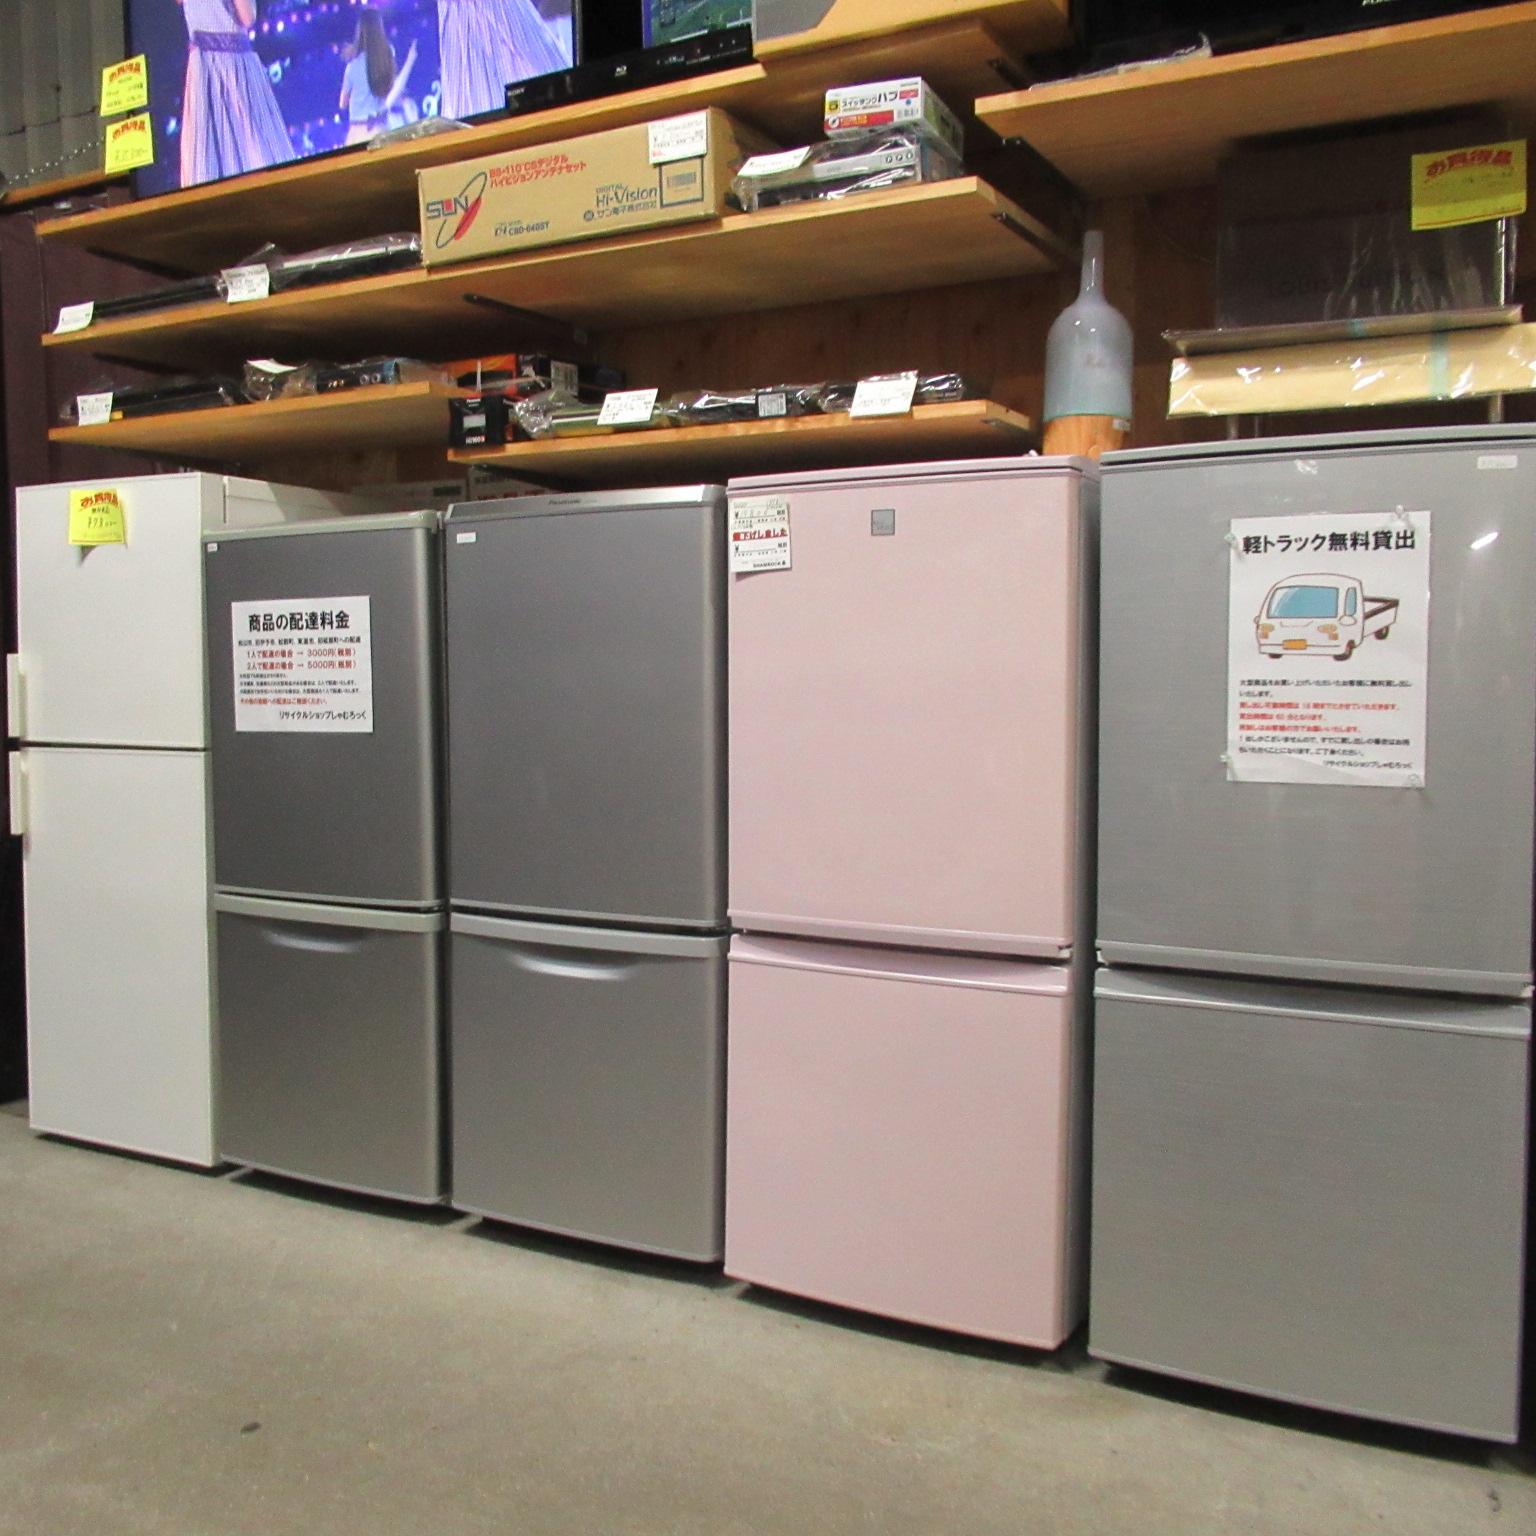 一人暮らし用の冷蔵庫・洗濯機揃っています!